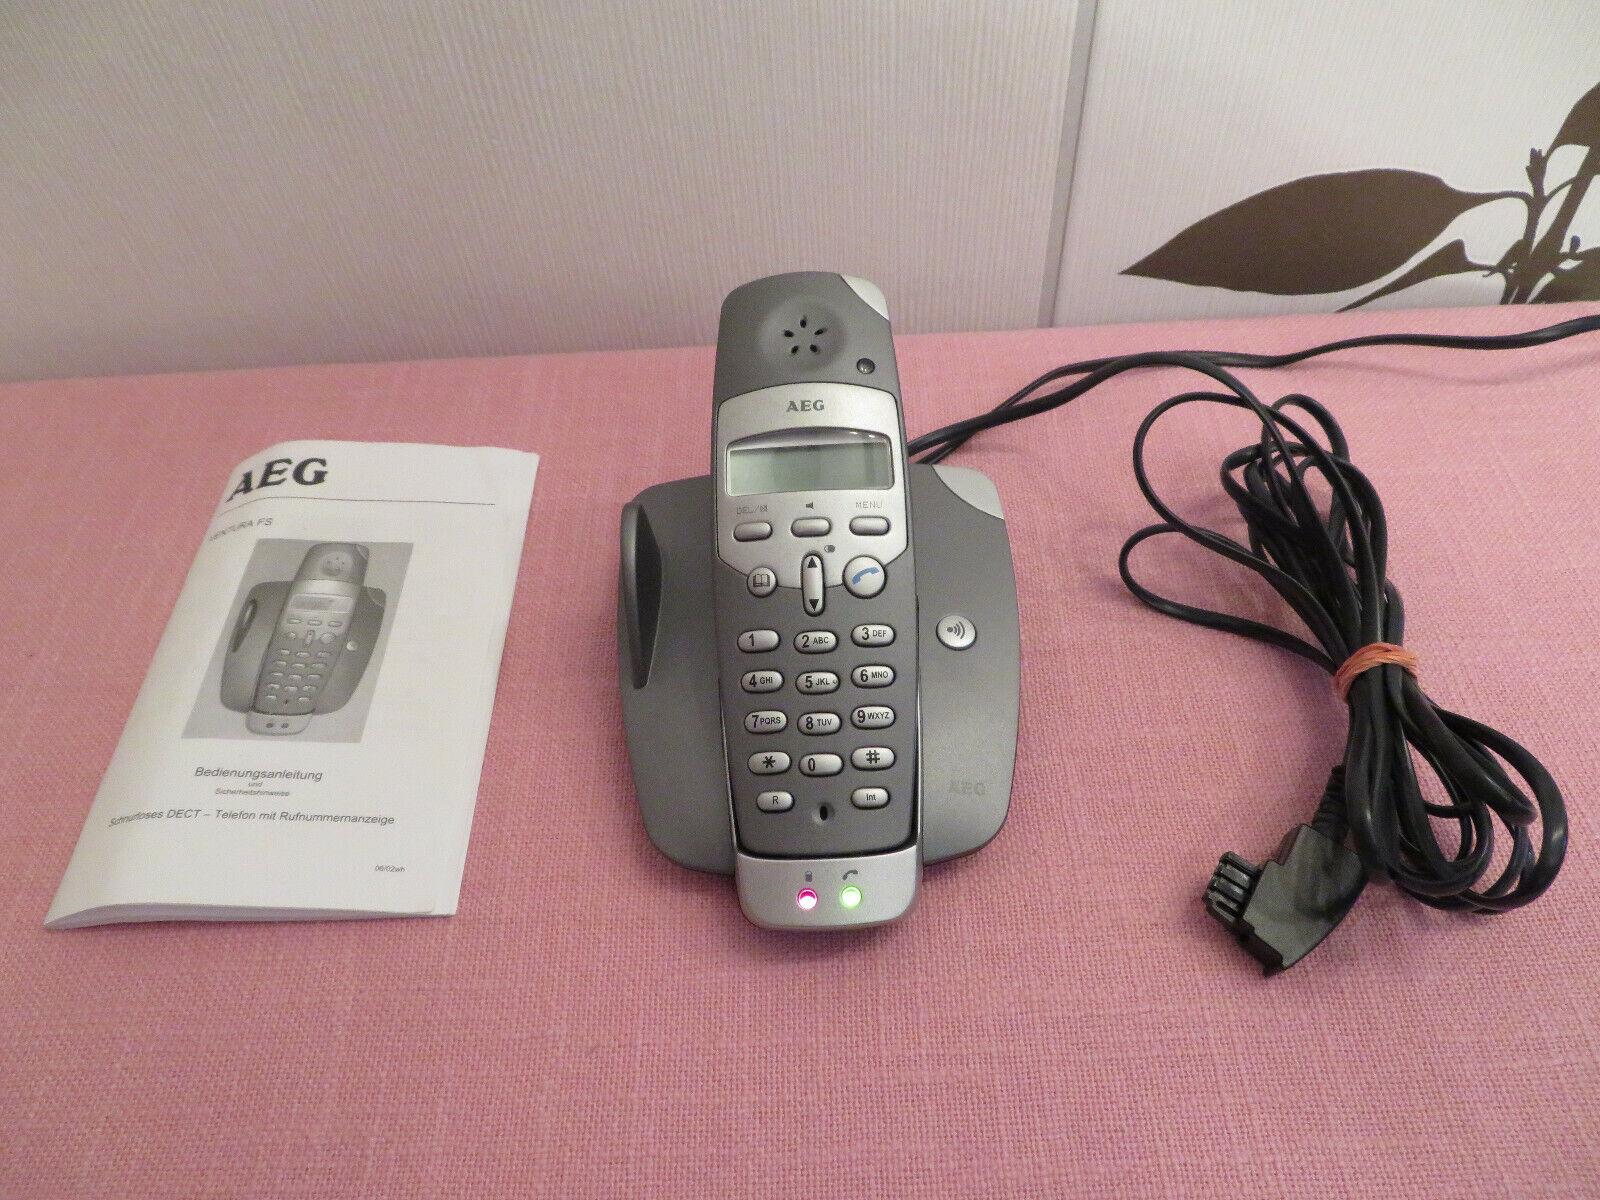 Schnurlostelefon AEG VENTURA FS schnurlos DECT – Telefon + Rufnummernanzeige